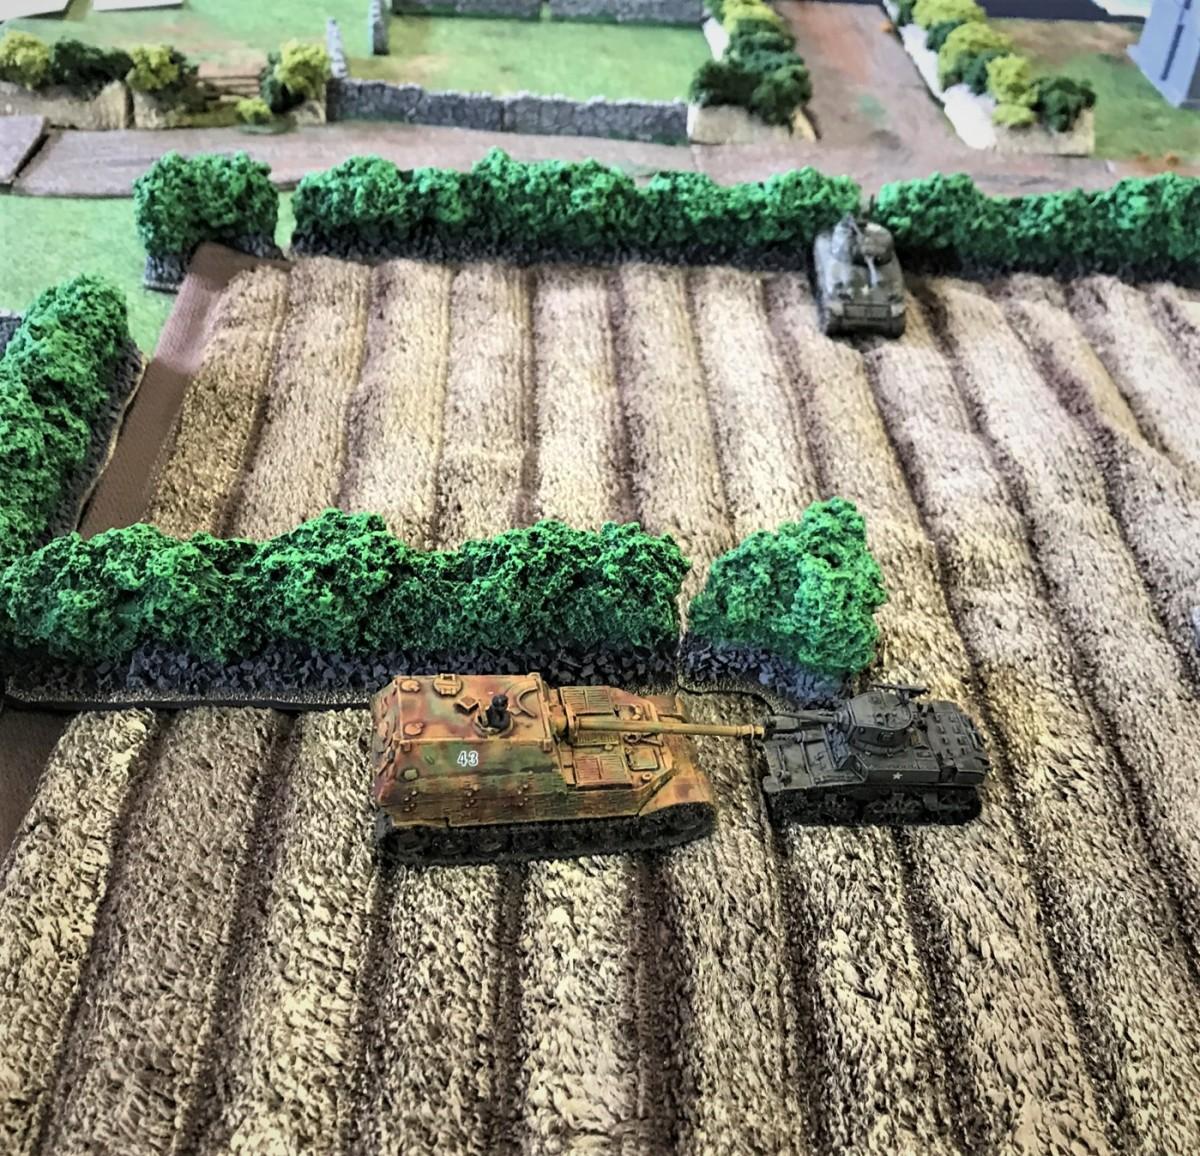 Normandy Breakout Game at MassPikemen